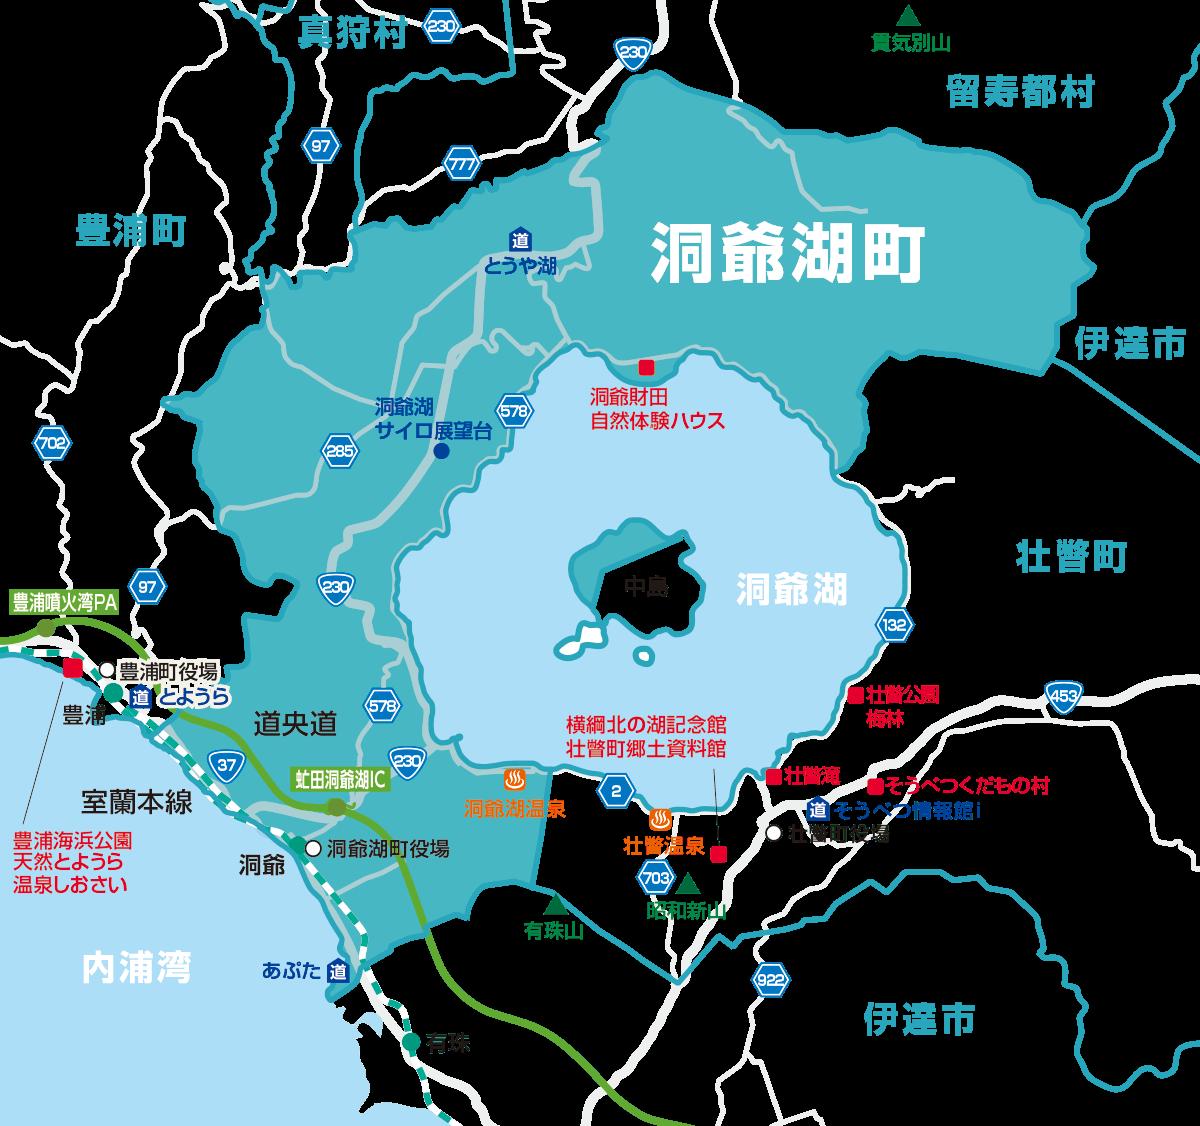 北海道トライアスロン | 開催地紹介 | 洞爺湖町